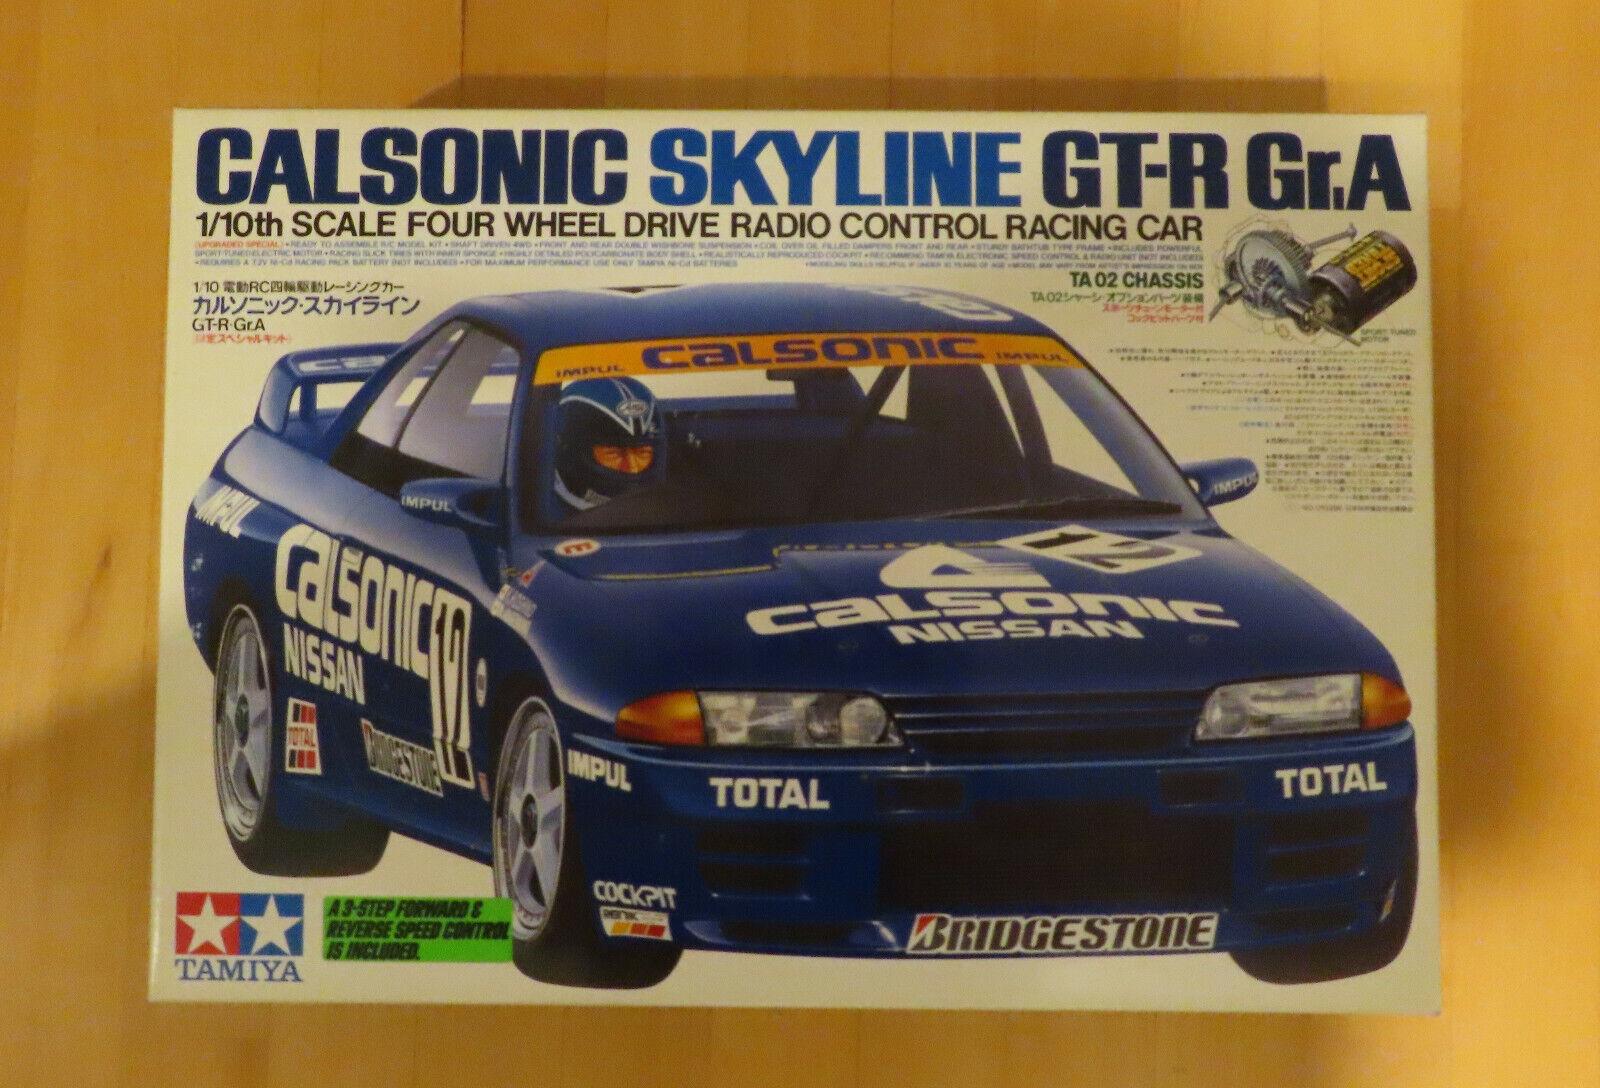 RC Tamiya KIT NISSAN Calsonic Skyline GT-R 58135 New NIB 1994